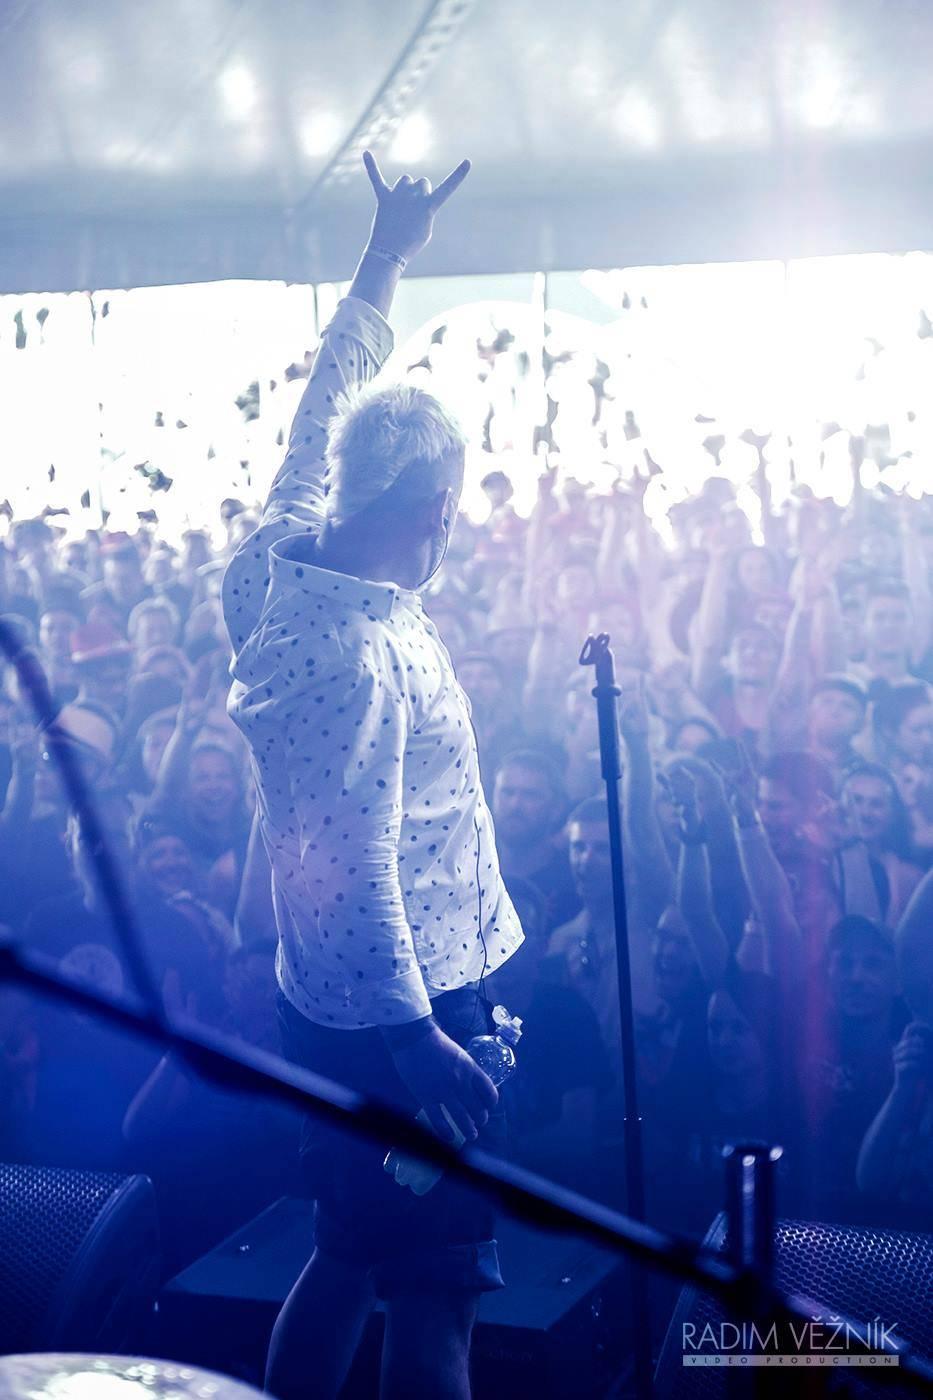 Cocotte Minute interview: V nových písních nejsme tak přímočaří, ale jdeme víc do detailu